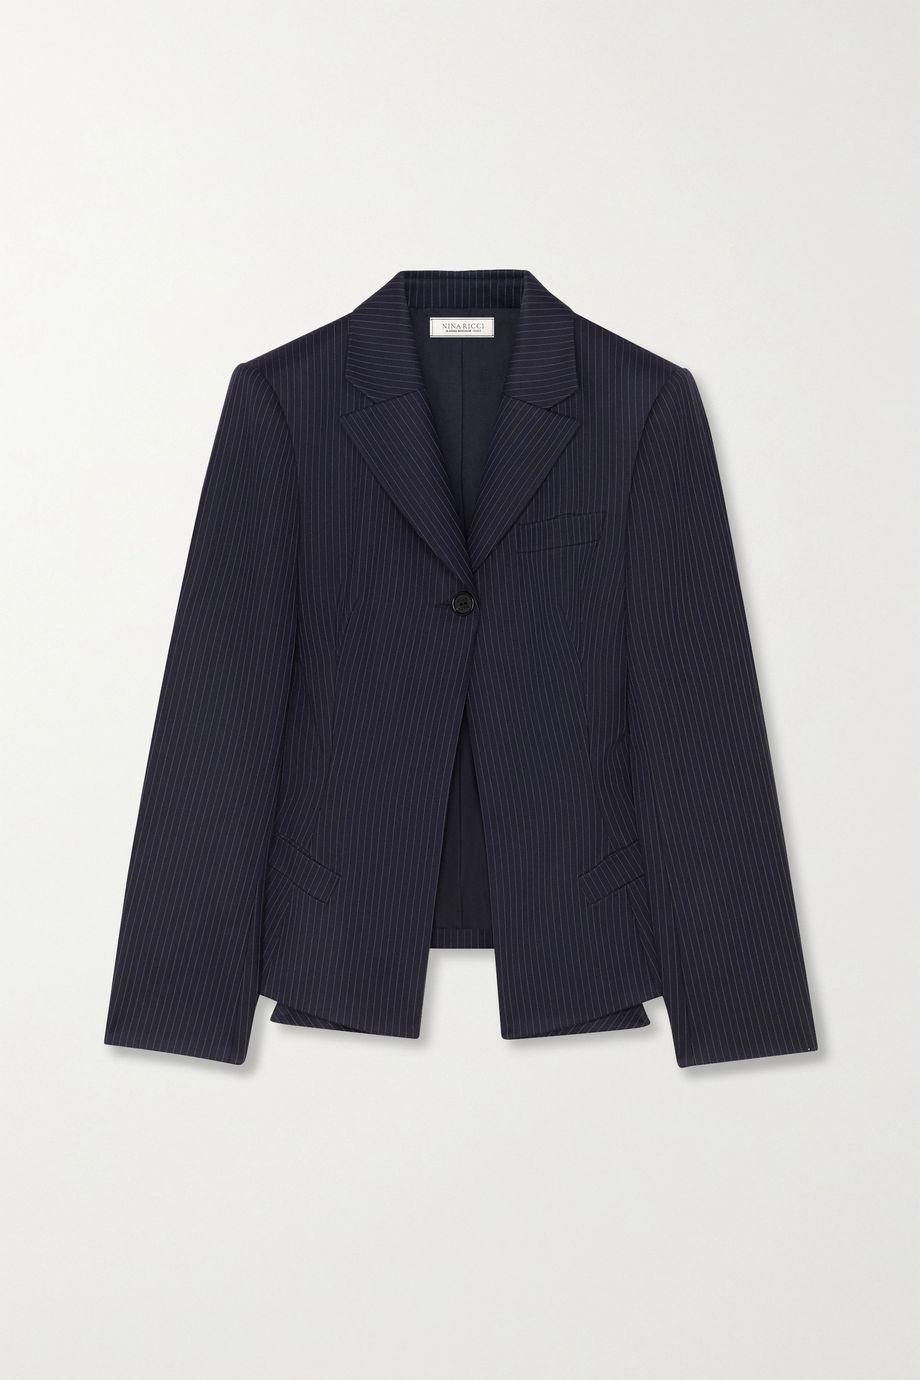 Nina Ricci Pinstriped wool blazer